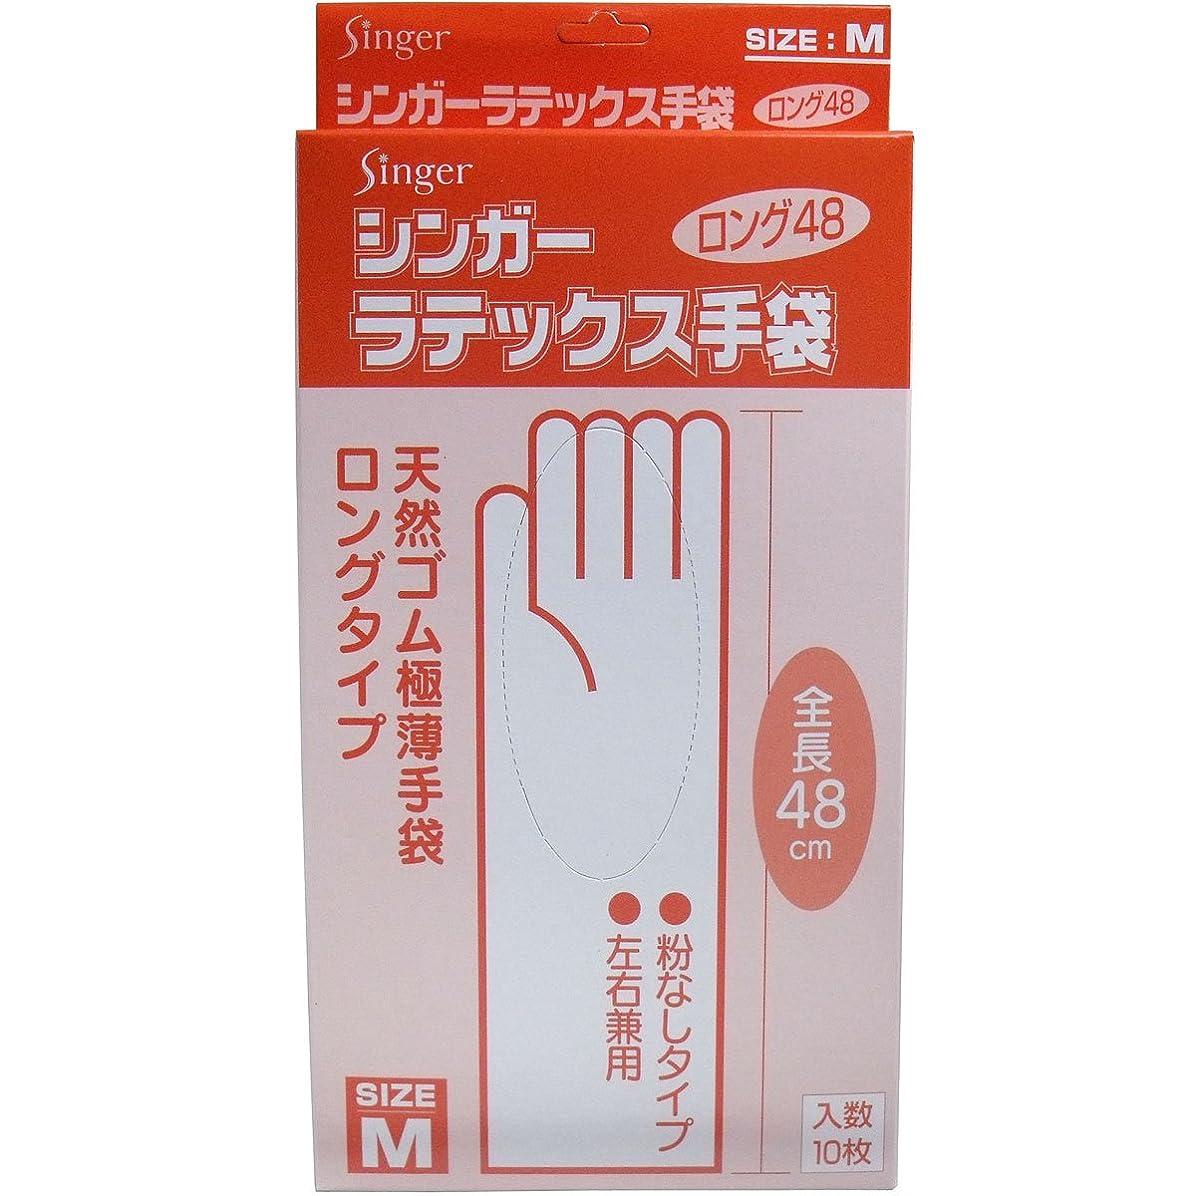 姿勢むちゃくちゃ歌詞シンガーラテックス手袋 天然ゴム極薄手袋 ロングタイプ Mサイズ 10枚入【5個セット】